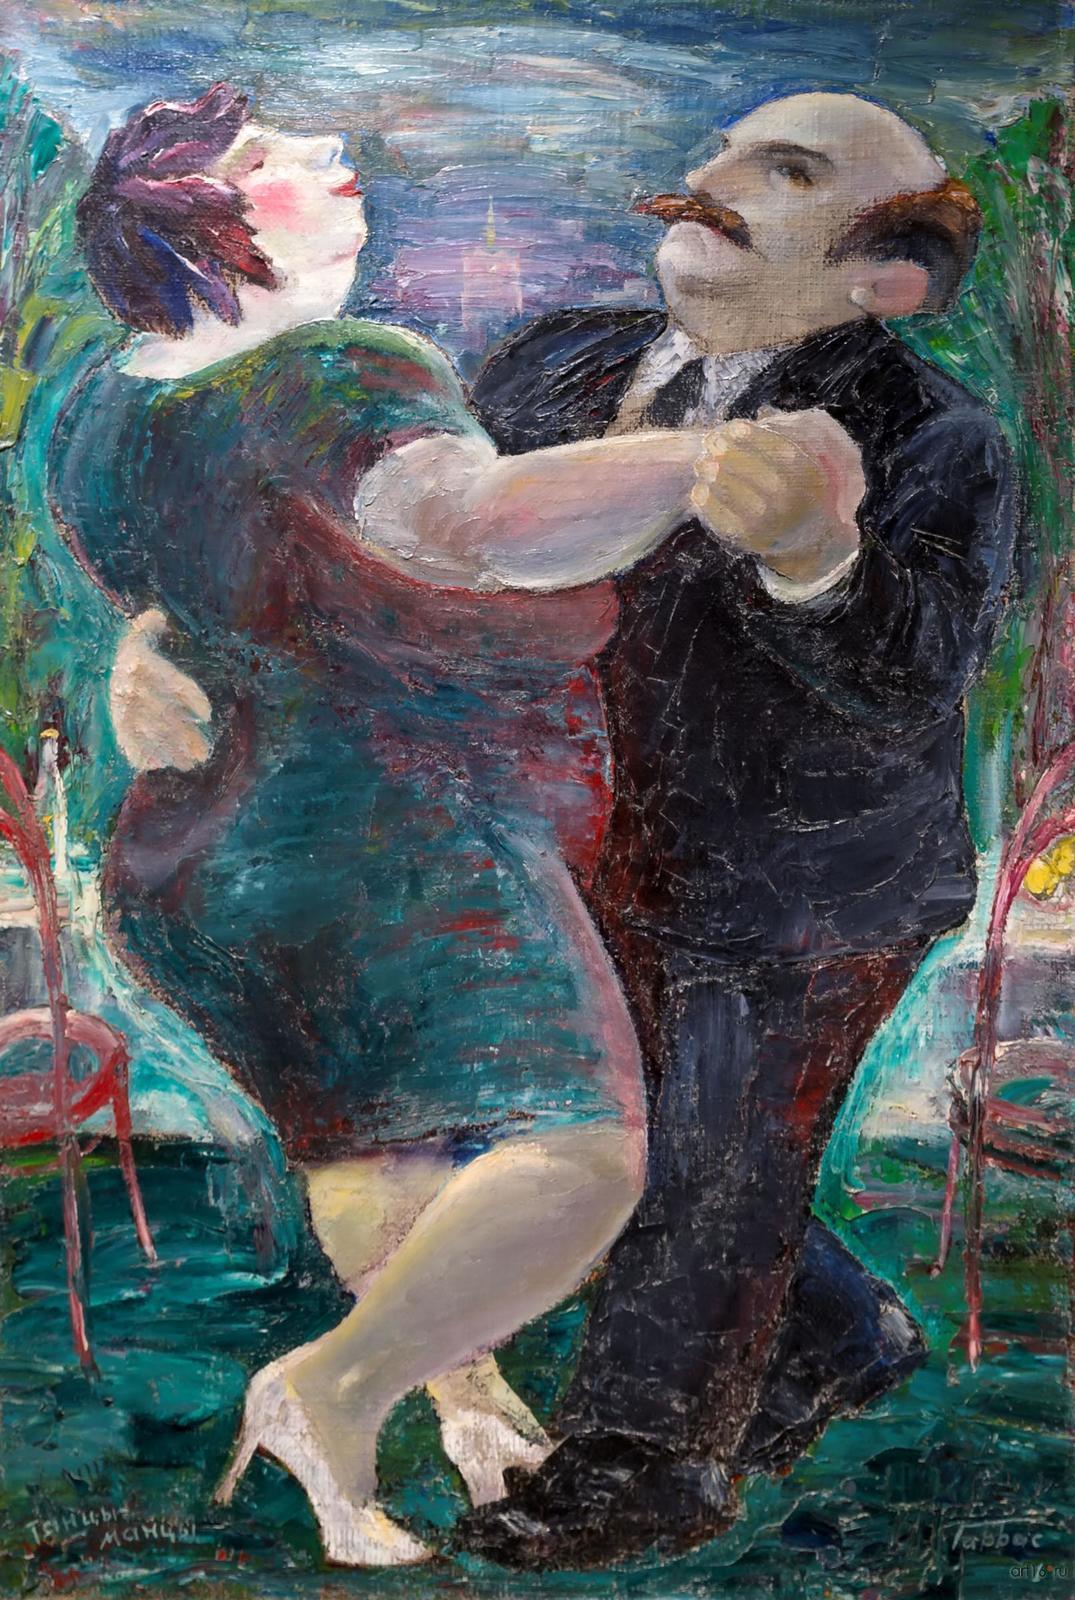 Фото №876470. Танцы-манцы. 2001. Габбасов Рустам